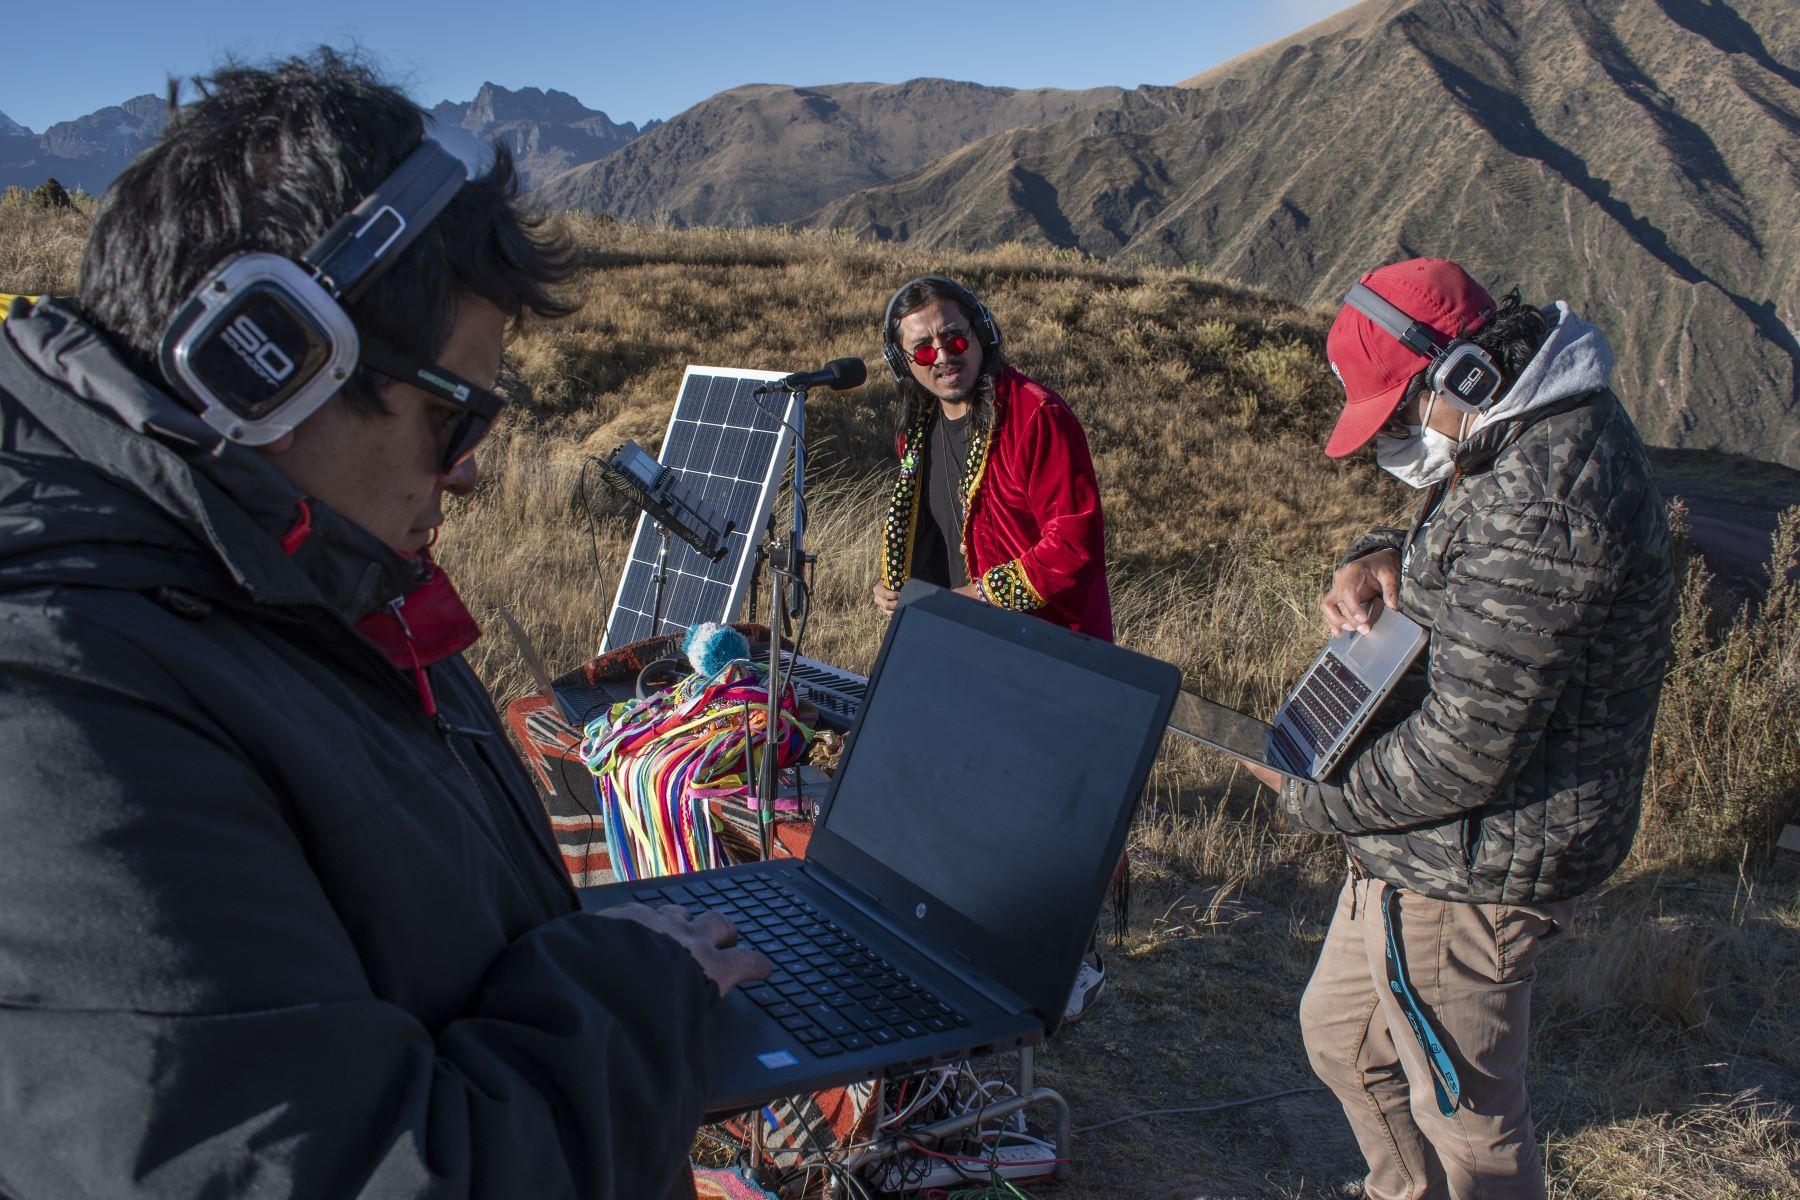 Miembros del equipo de Tayta Bird durante la prueba de sonido cuya fuente de alimentación energética se basa en el uso de paneles solares en las alturas de Chinchero, Cusco, Perú. Foto: Sharon Castellanos, con el apoyo del Fondo de emergencia COVID-19 de The National Geographic Society